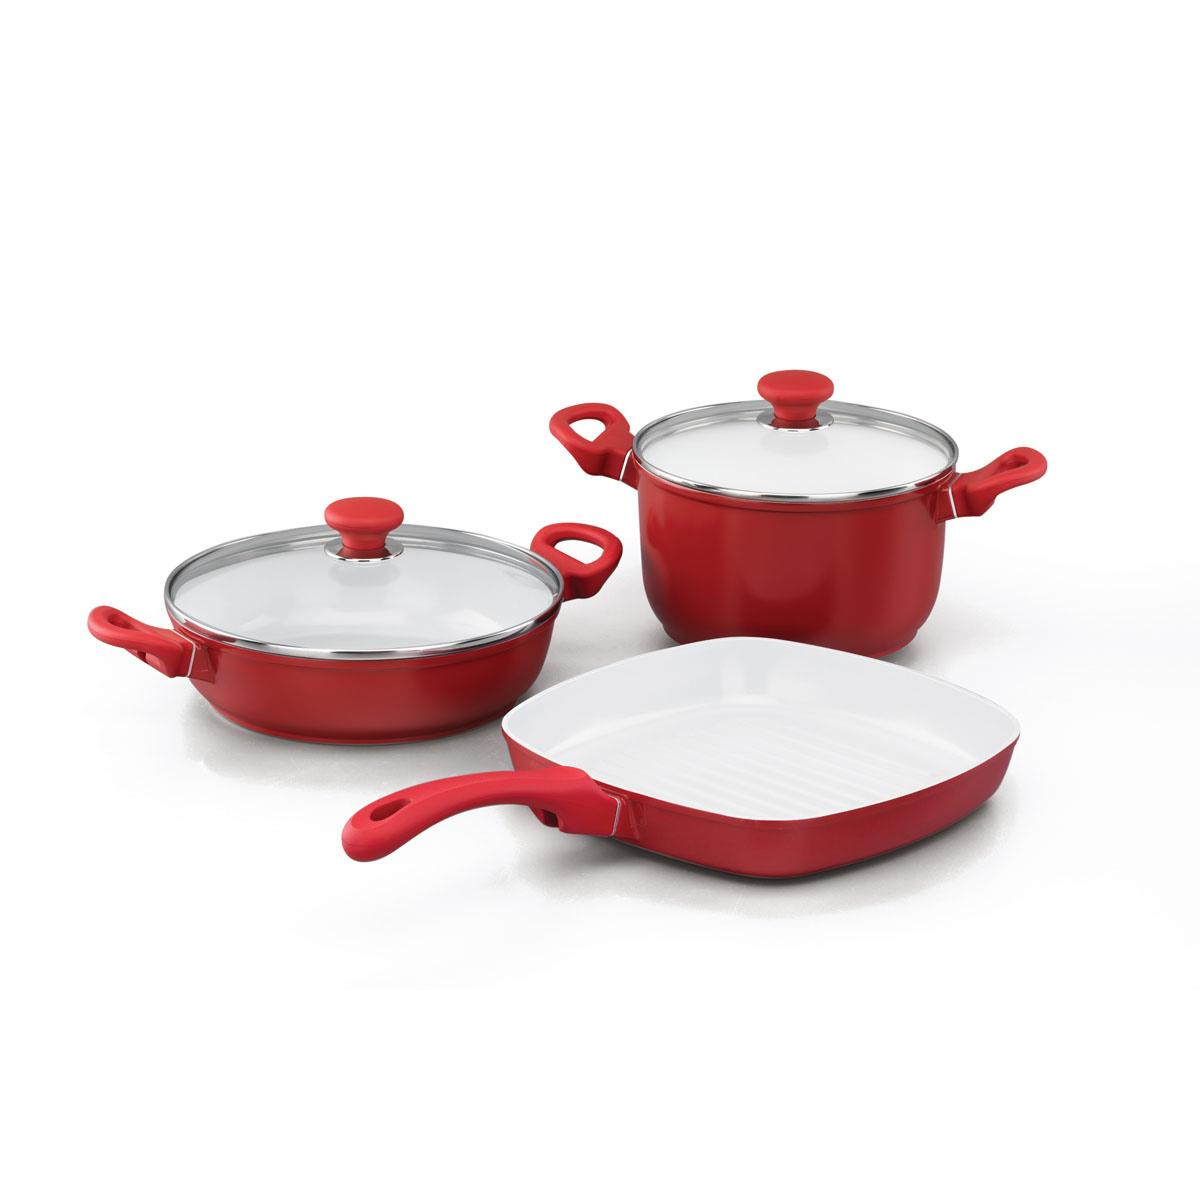 Набор посуды Korkmaz Seravita с керамическим покрытием, цвет: красный, 3 предмета